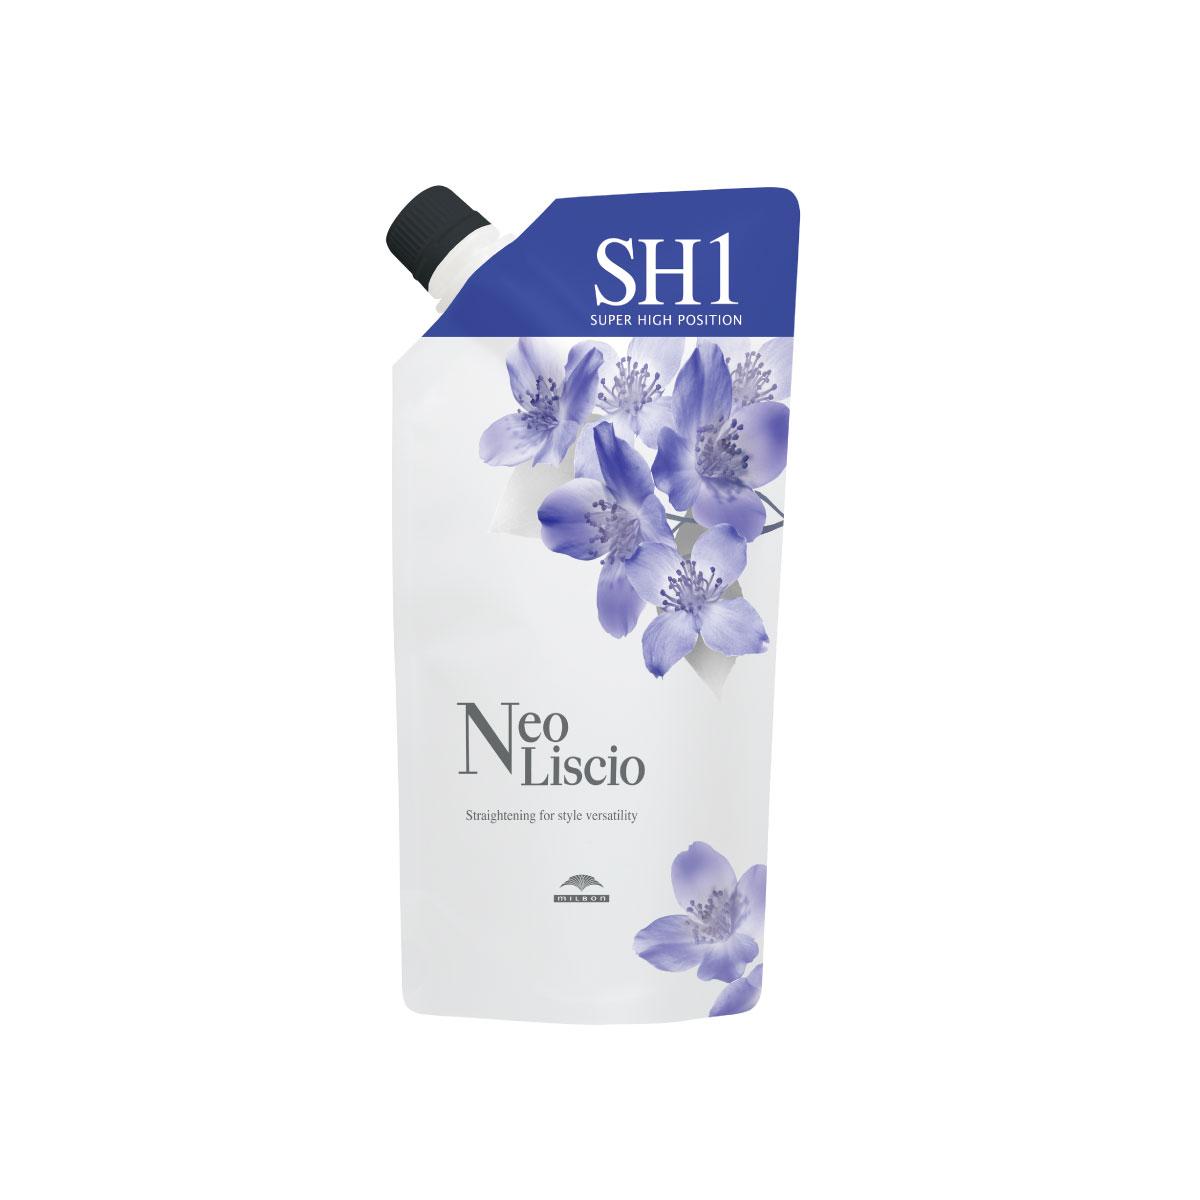 ミルボン ネオリシオ SH1 (milbon neoliscio) image01